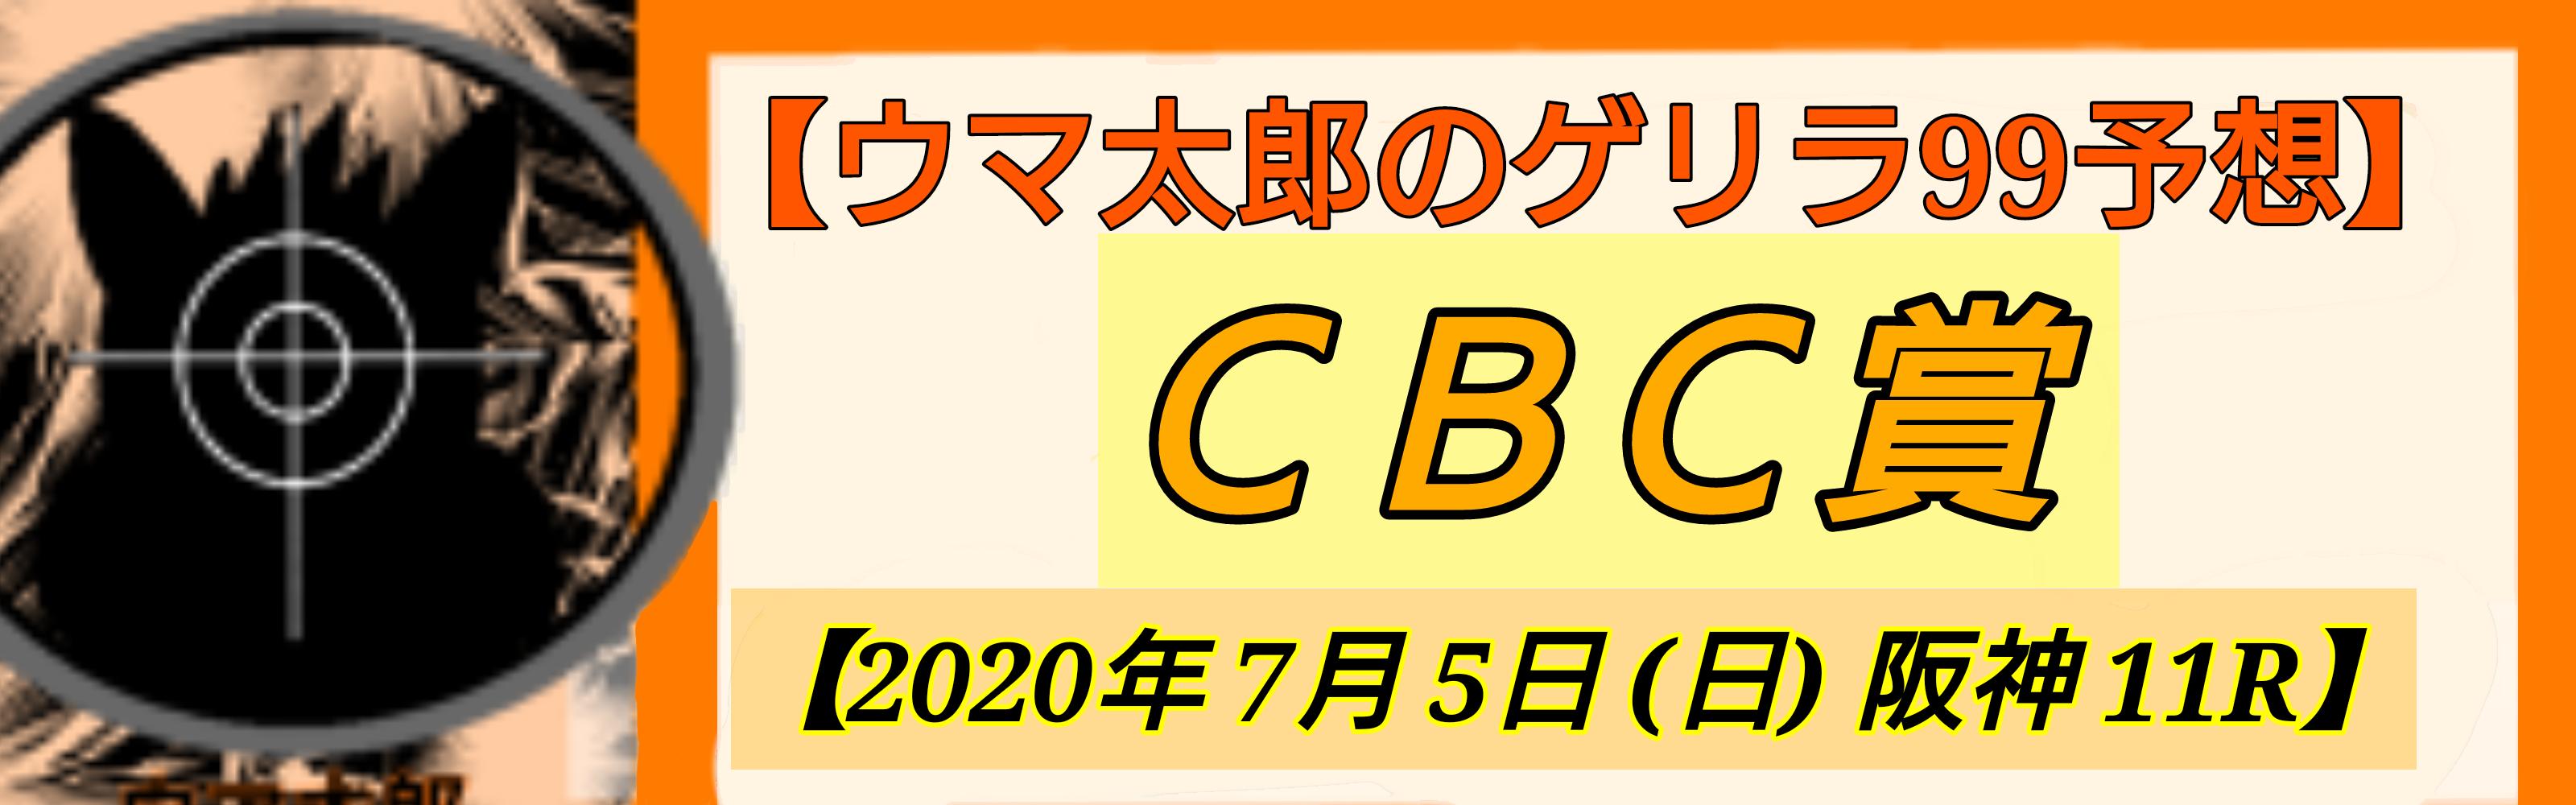 ゲリラ99予想 CBC賞